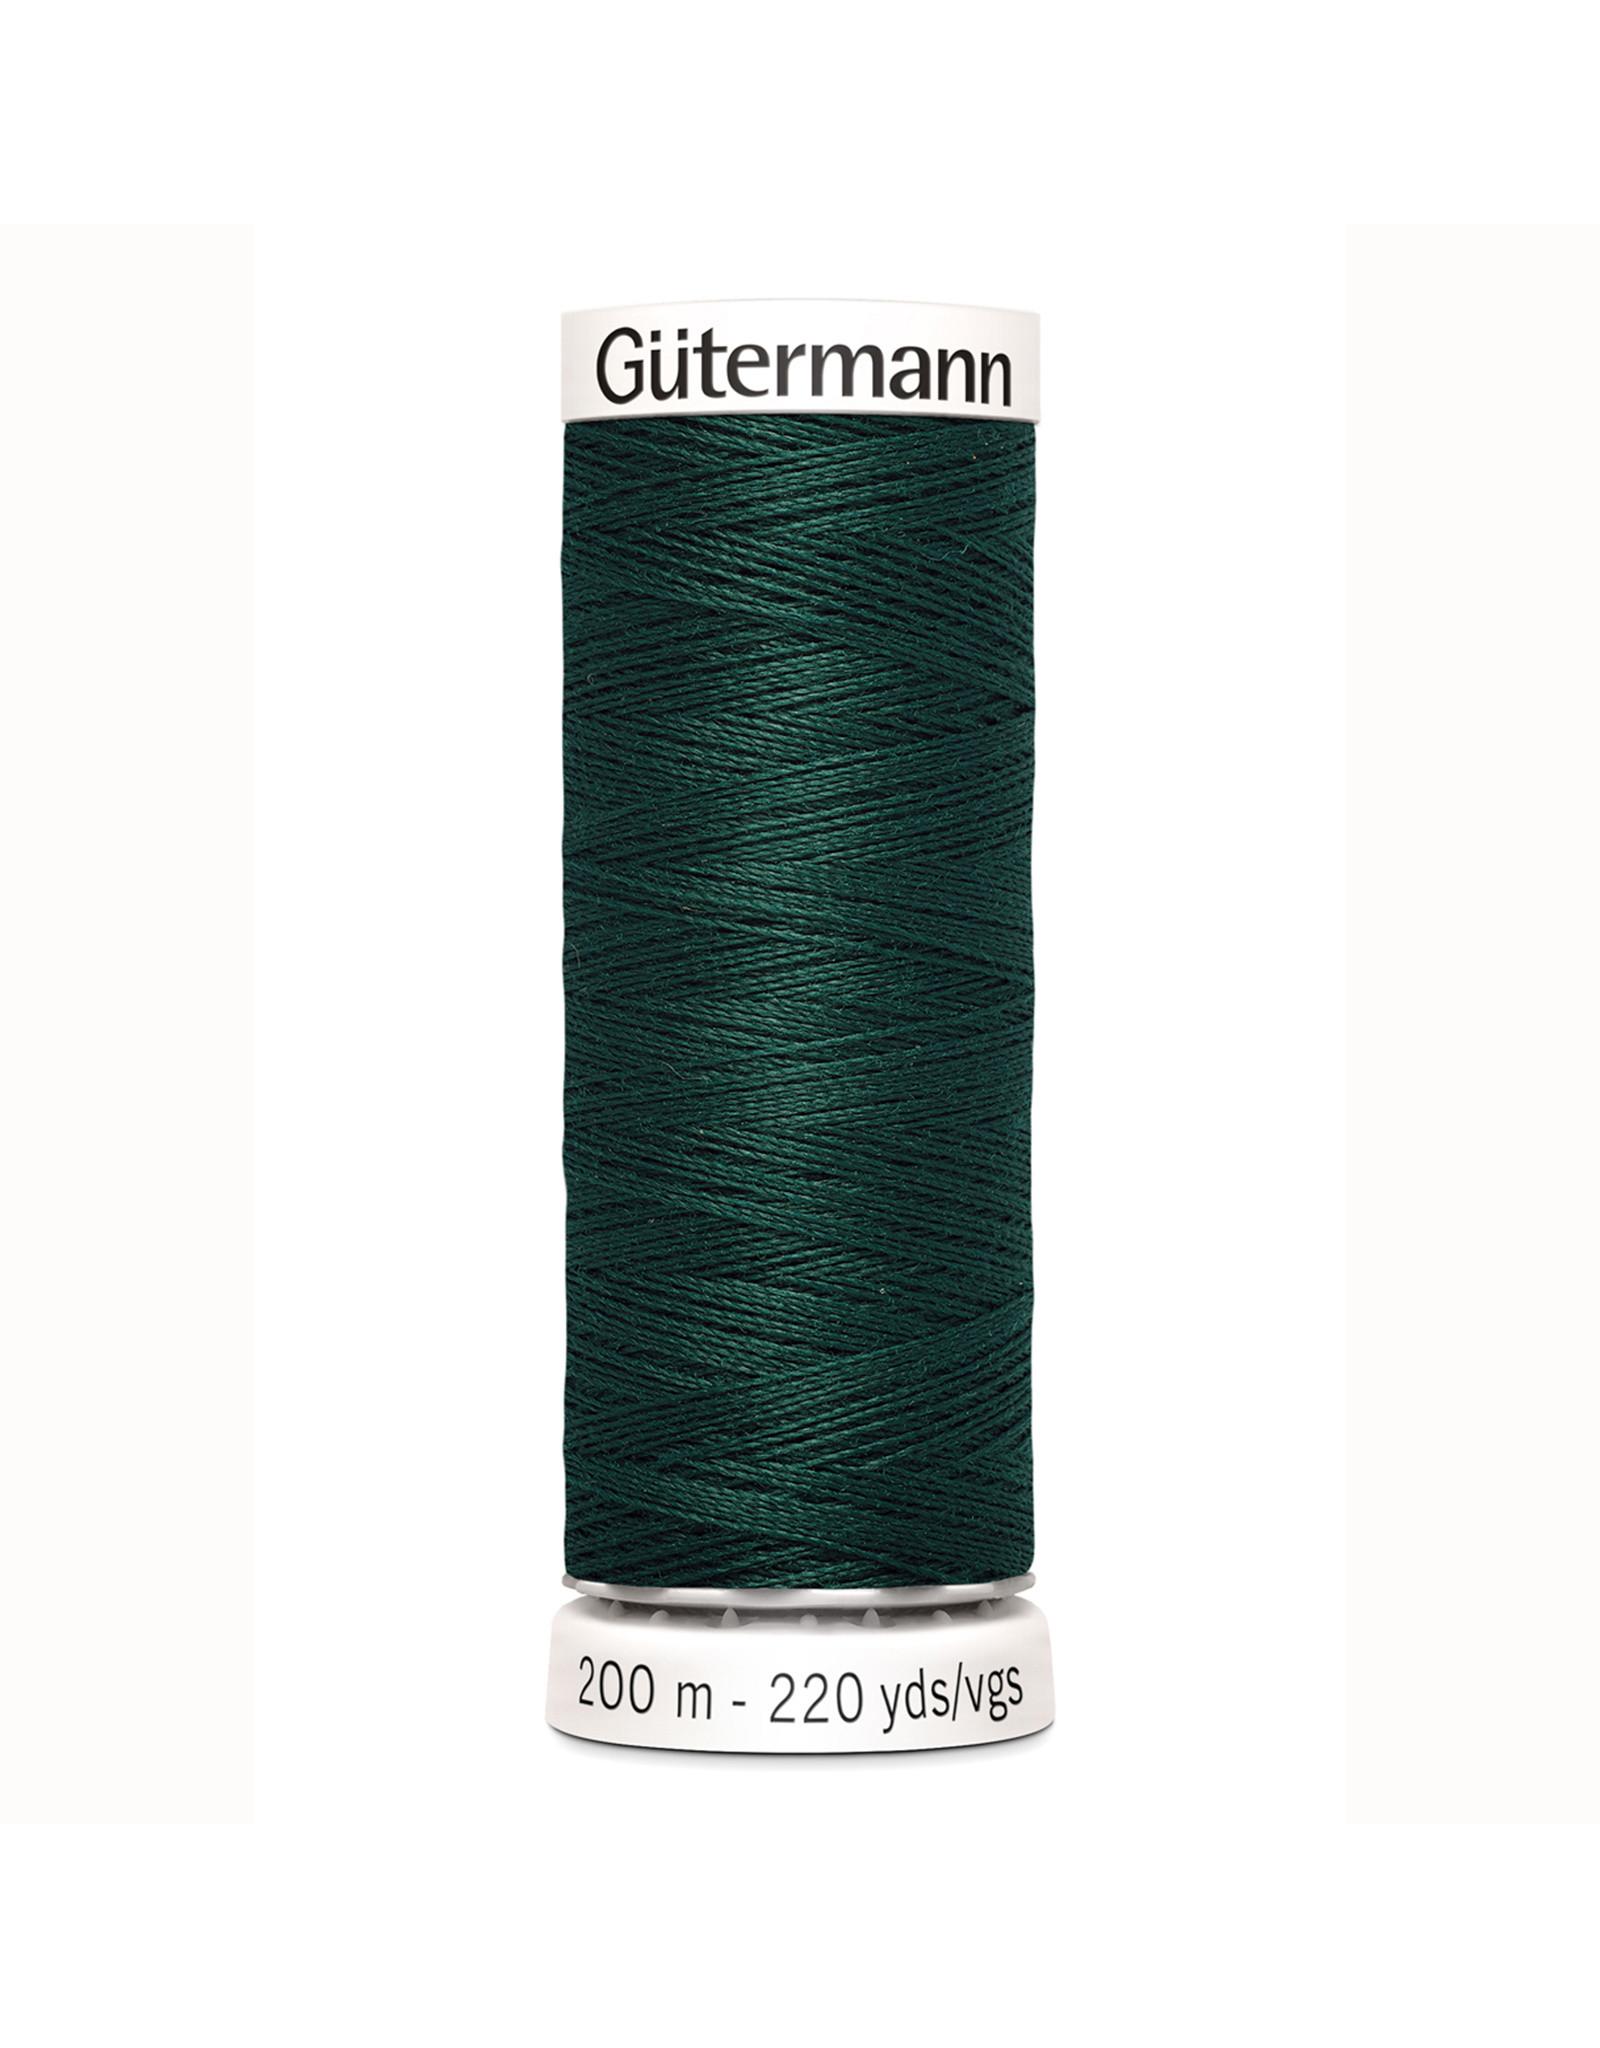 Gütermann Gütermann Nähgarn 200 m - nr 18